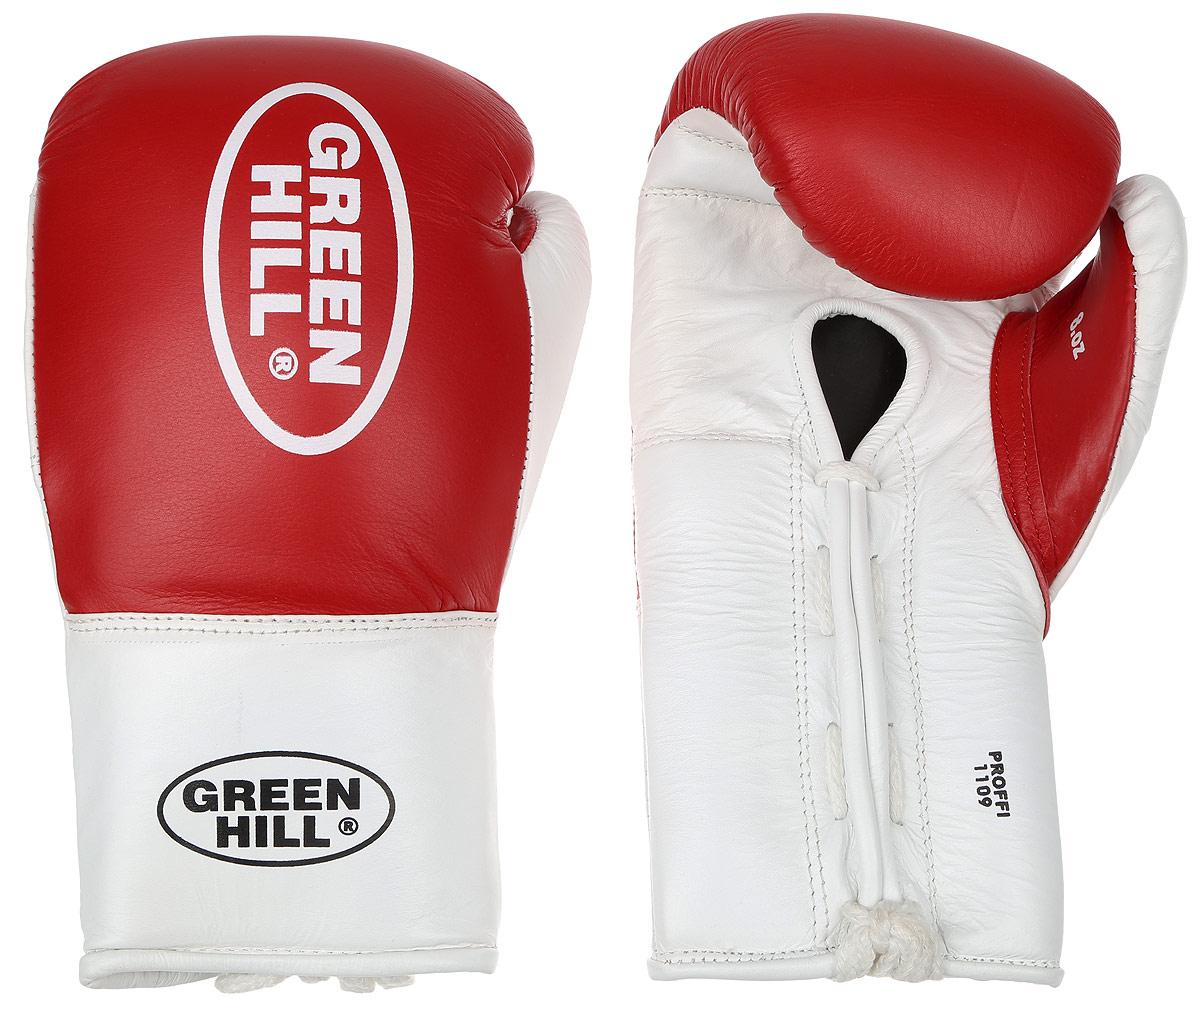 Перчатки боксерские Green Hill Proffi, цвет: красный, белый. Вес 8 унций. BGP-2014 перчатки боксерские green hill proffi цвет желтый черный белый вес 12 унций bgp 2014